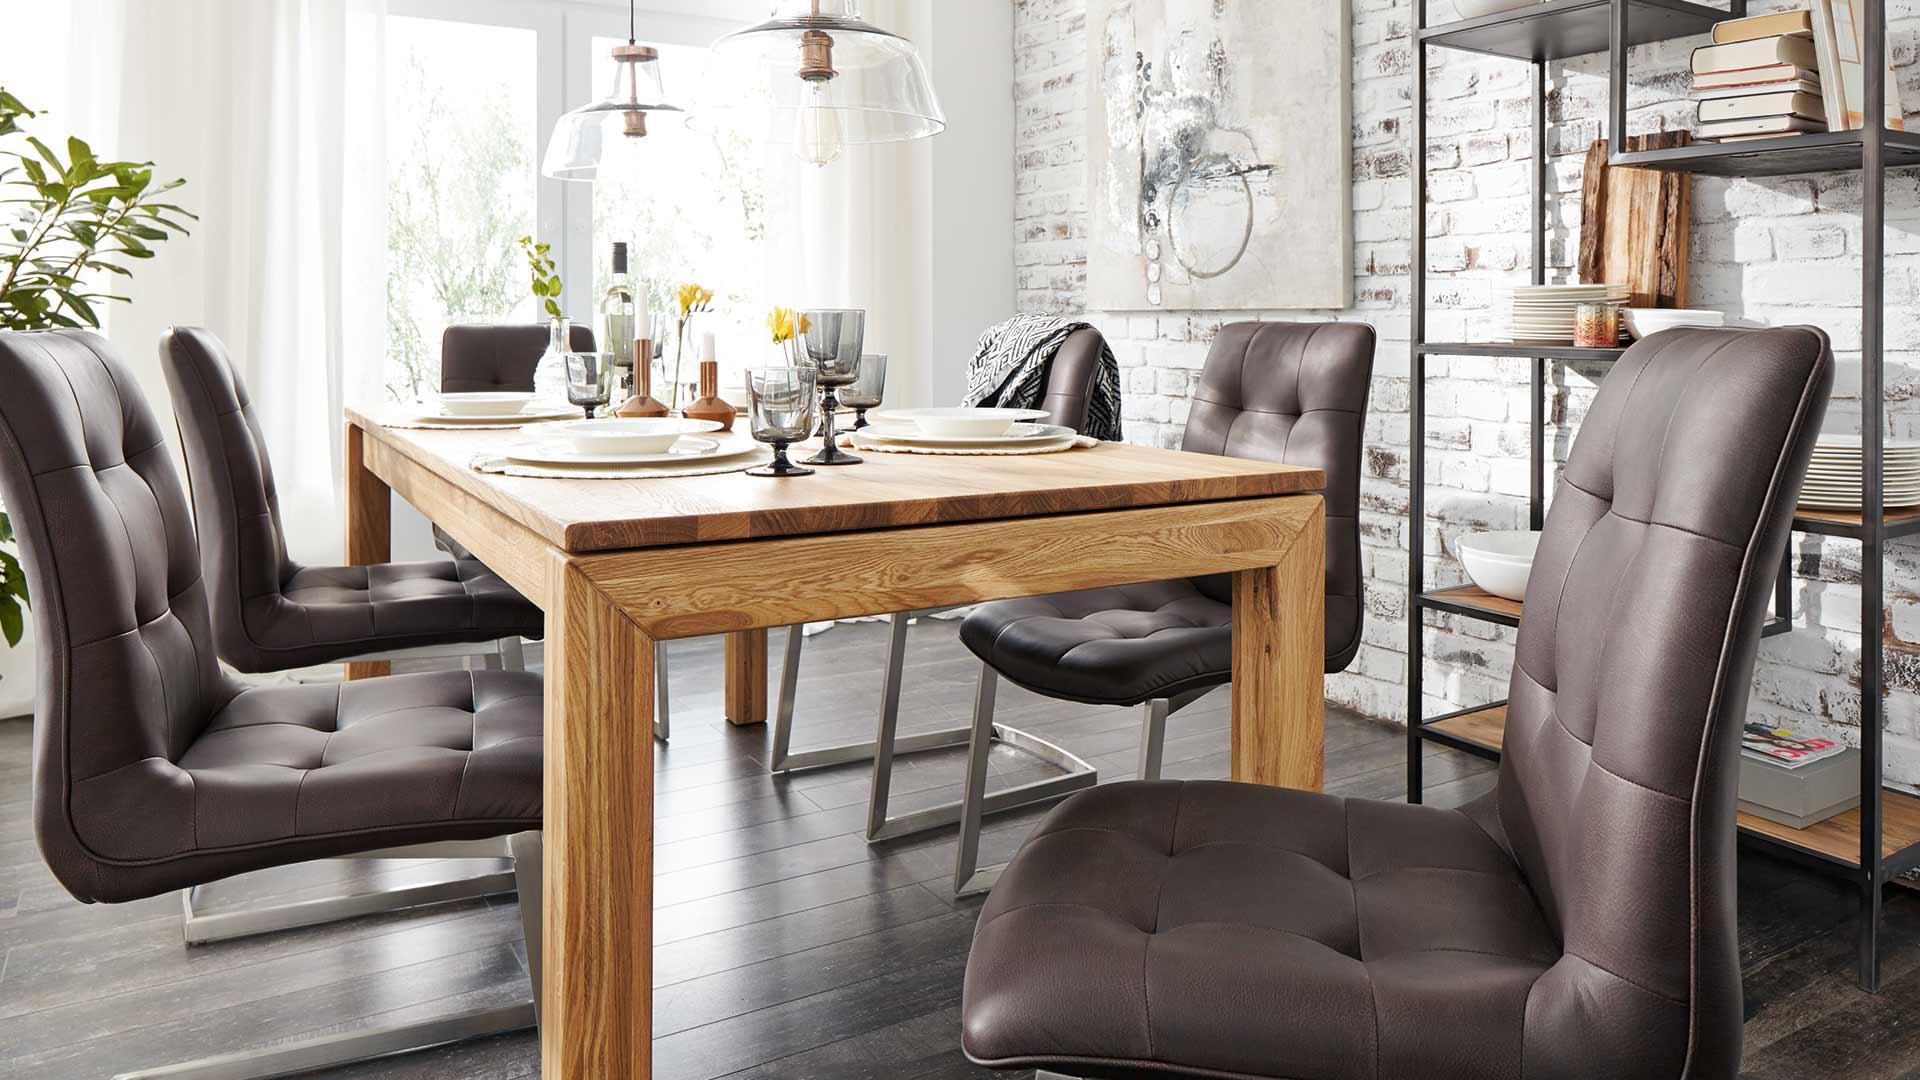 natura tampa von natura einrichten in moormerland ot warsingsfehn nahe leer ostfriesland. Black Bedroom Furniture Sets. Home Design Ideas